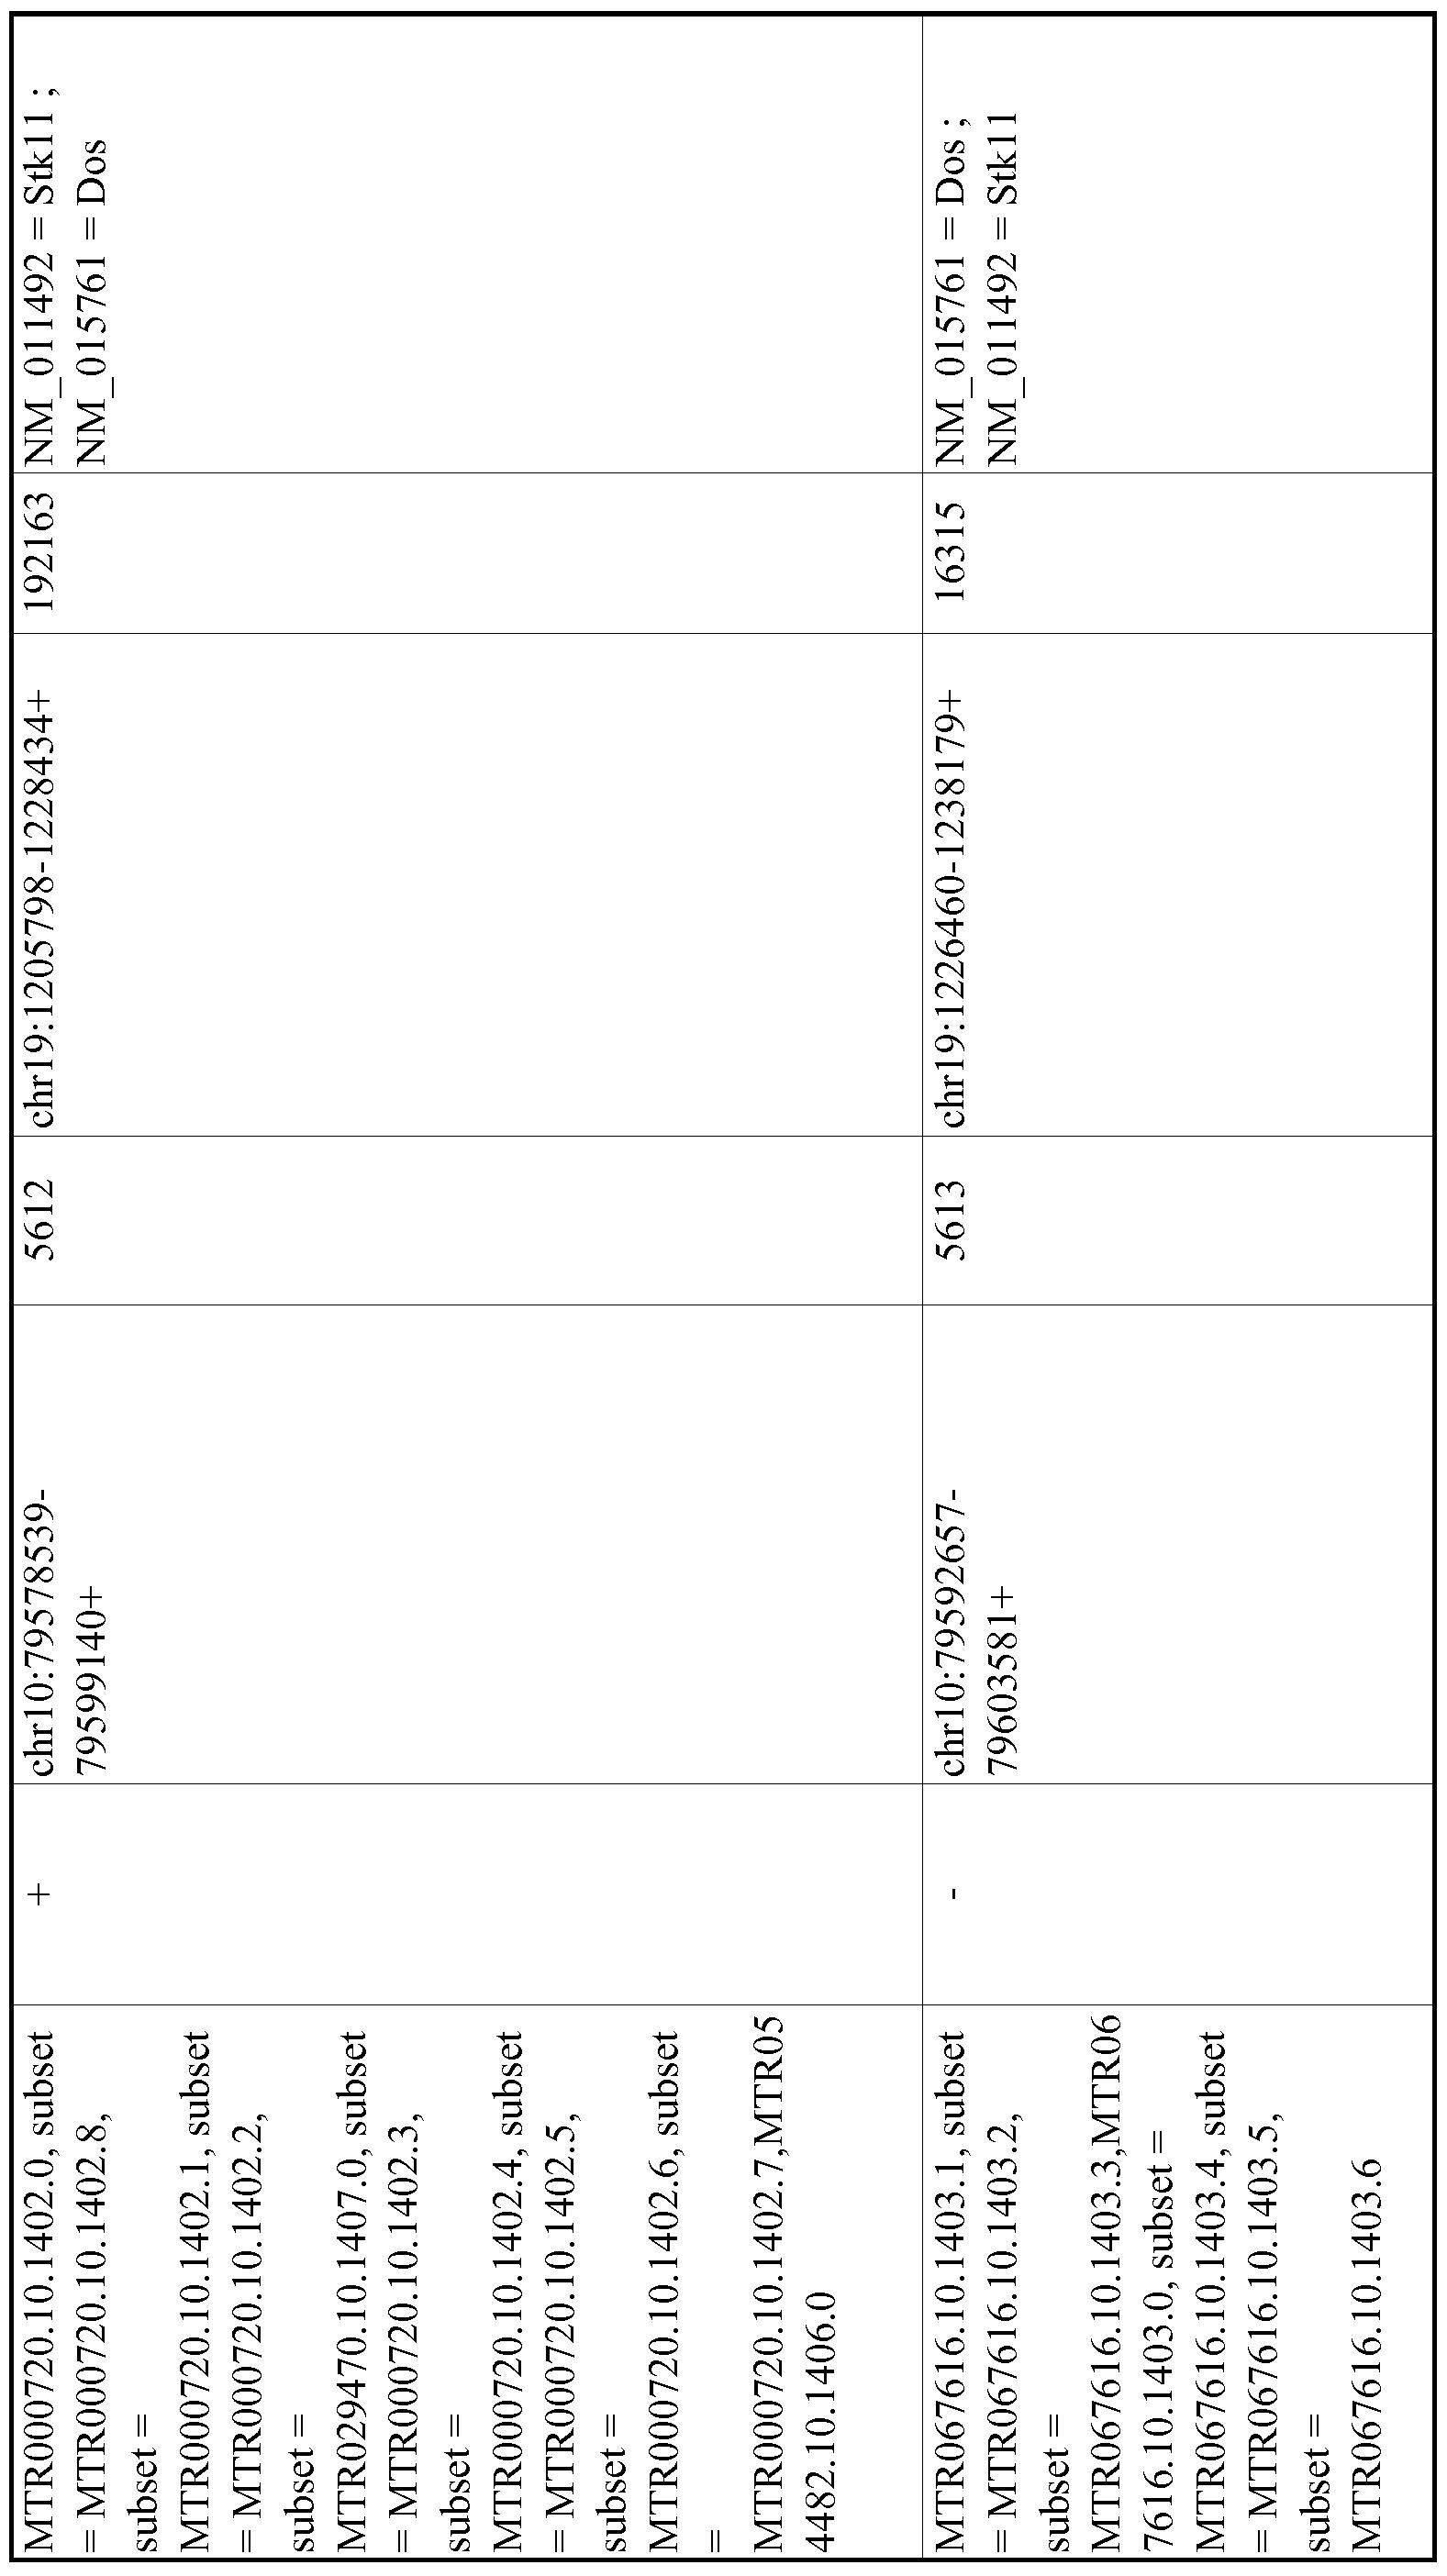 Figure imgf001012_0001